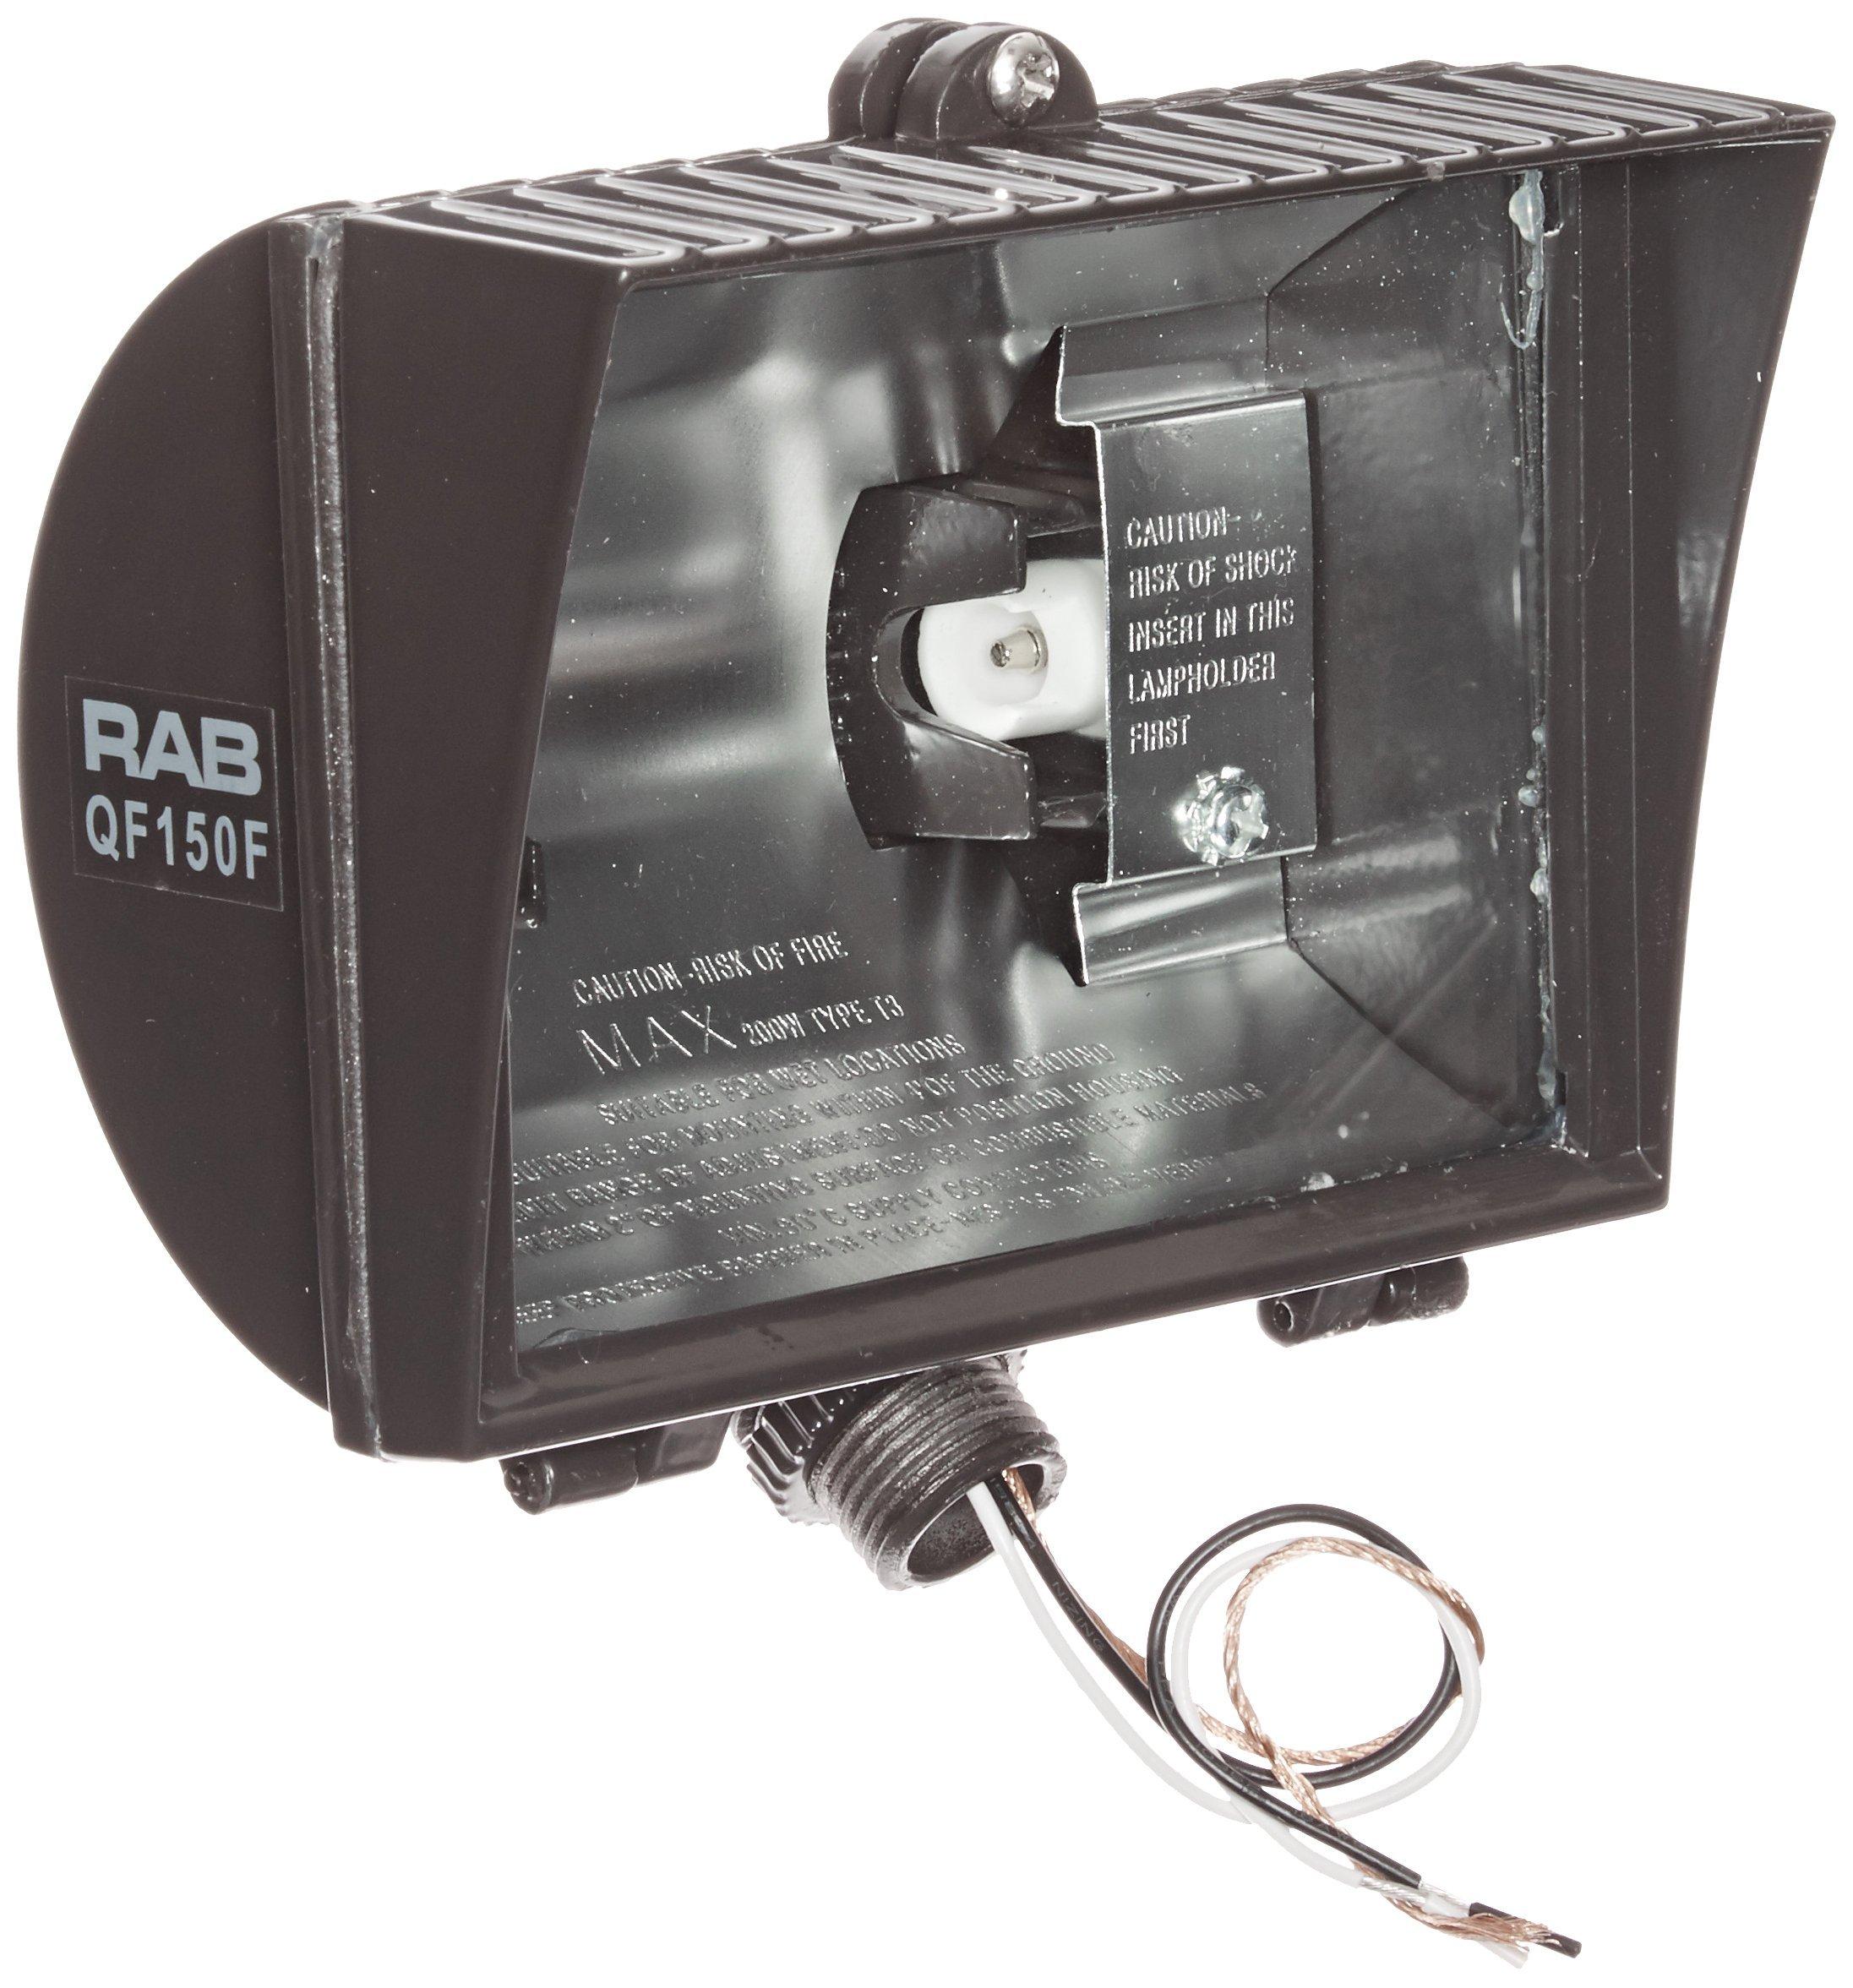 RAB Lighting QF150F Quartz Curve Floodlight, Aluminum, 150W Power, 2800 Lumens, 120V, Bronze Color